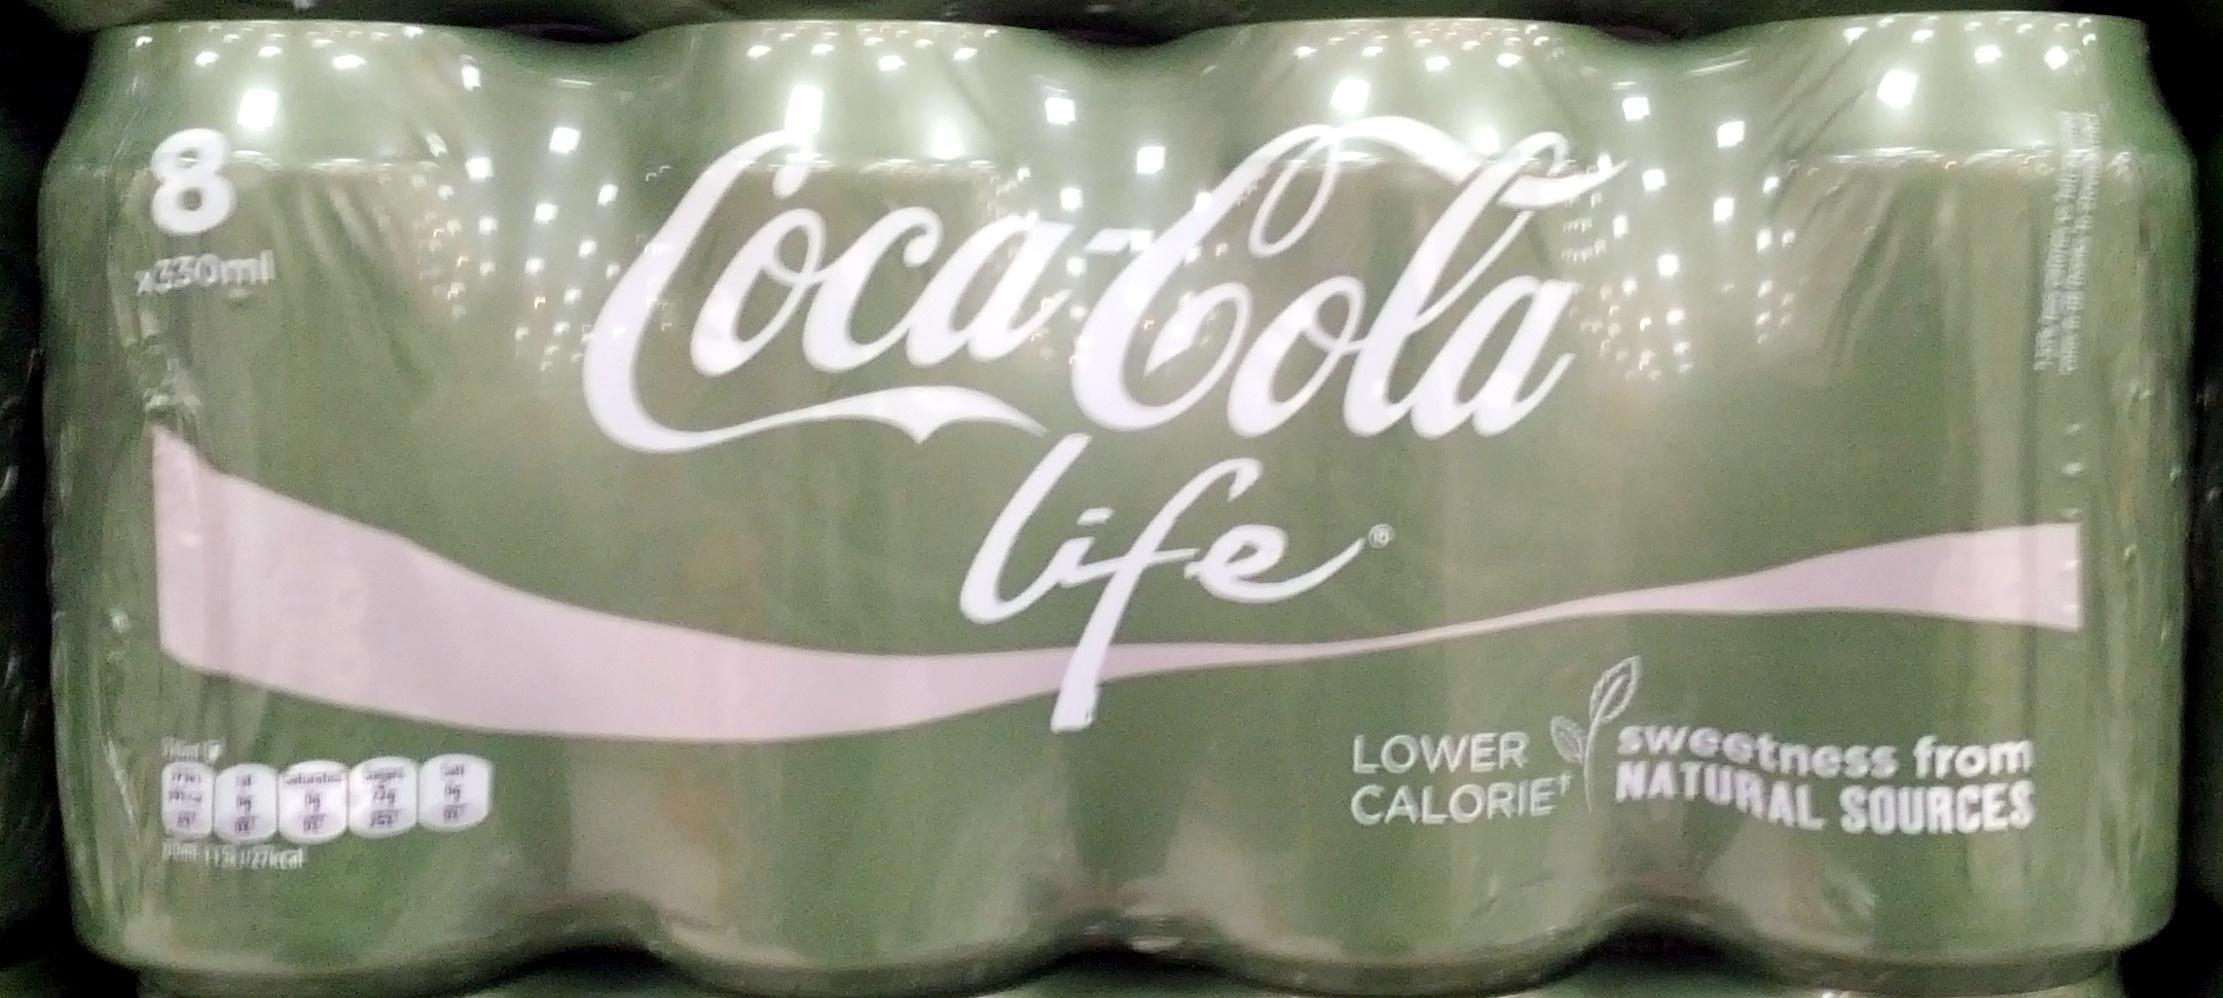 Coca-Cola Life - Product - en